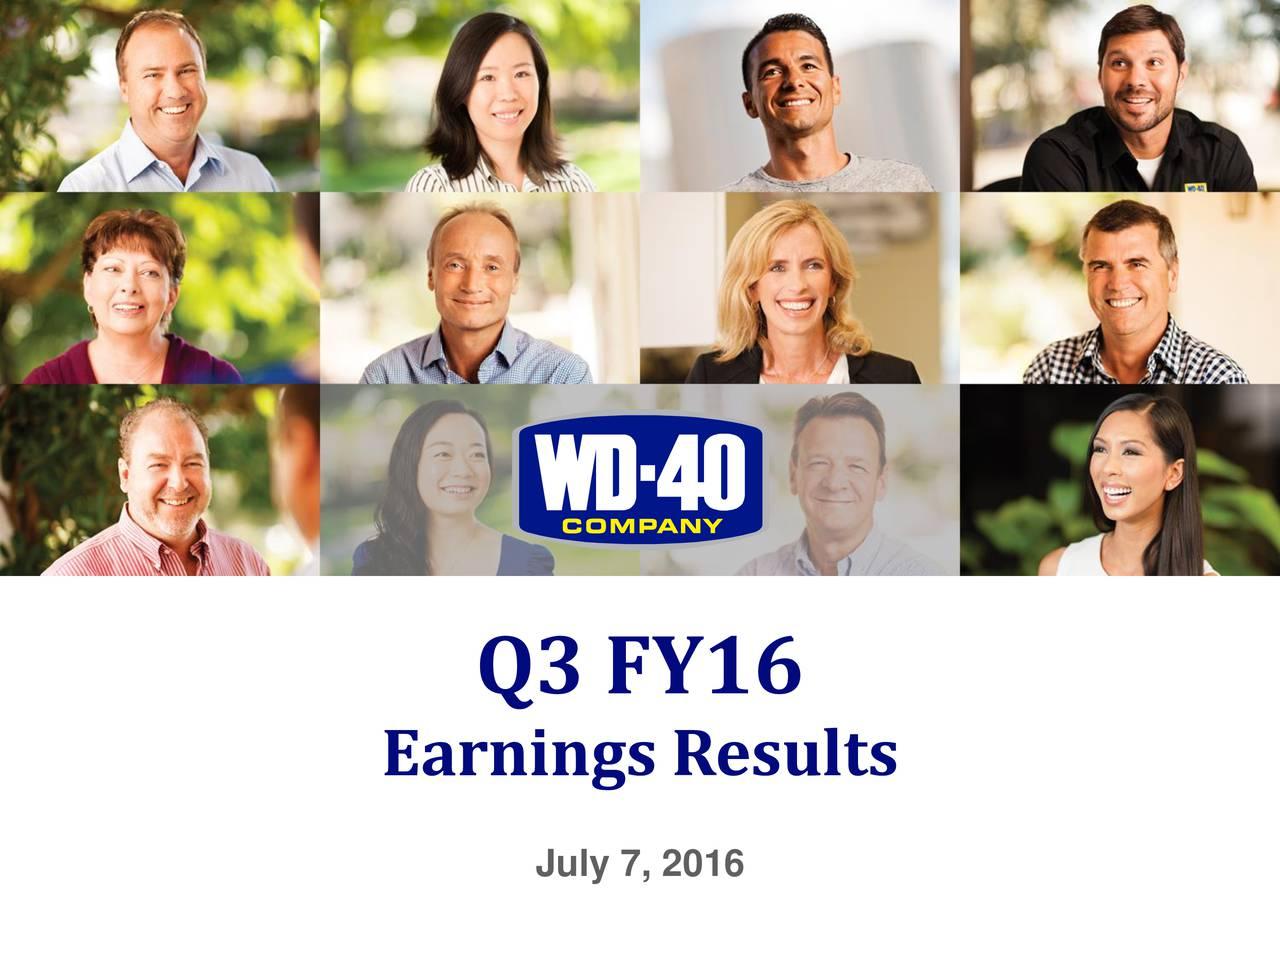 Earnings Results July 7, 2016